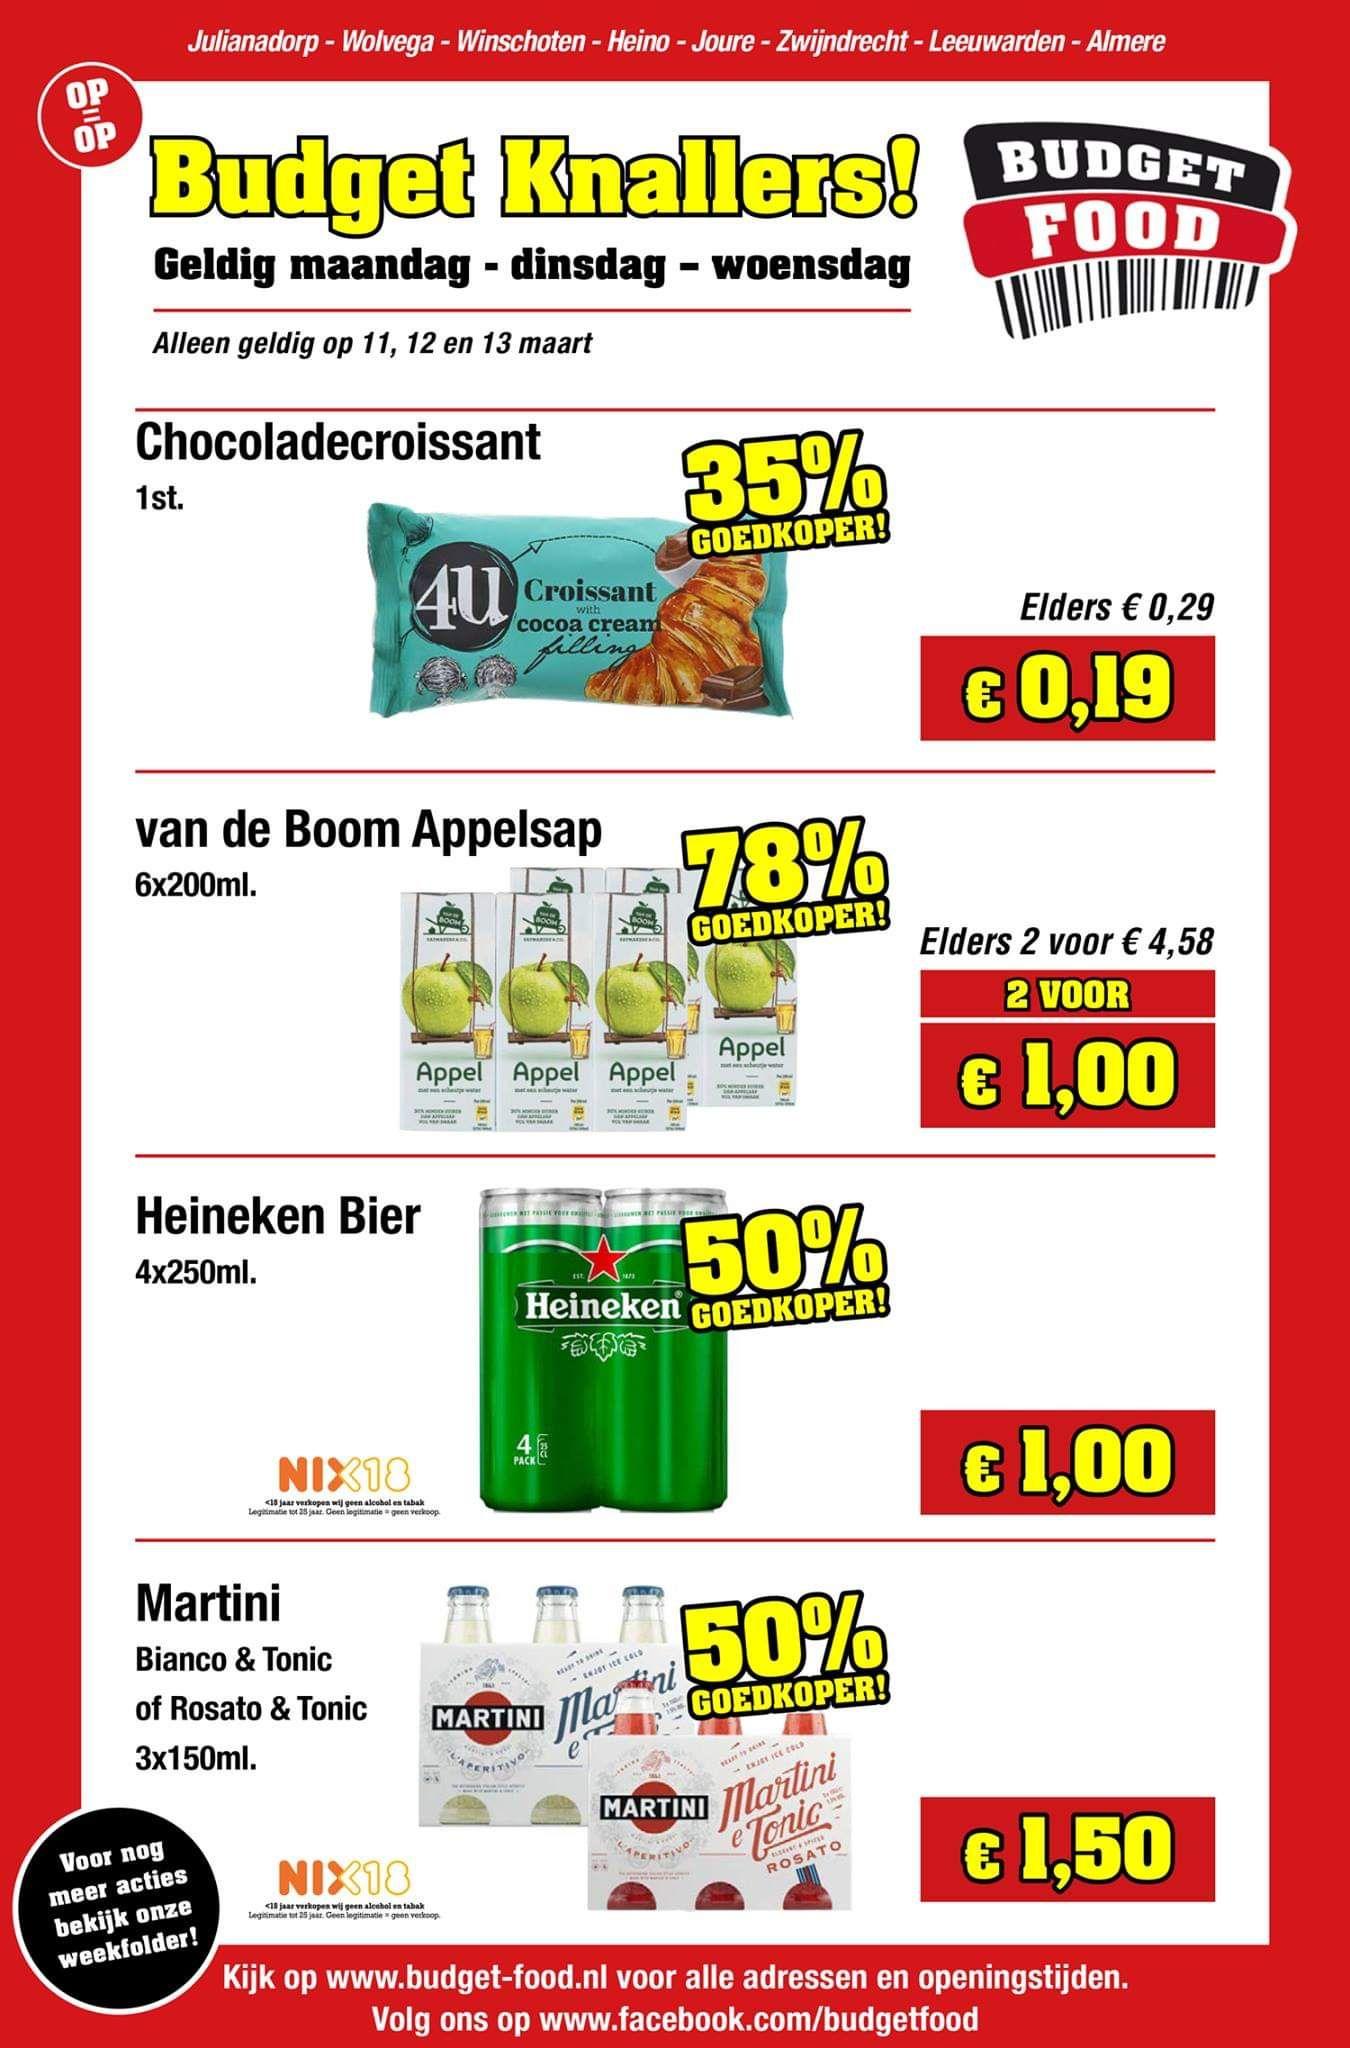 Goedkope Heineken, Brand (€0,25 per 0,5l) en Martini